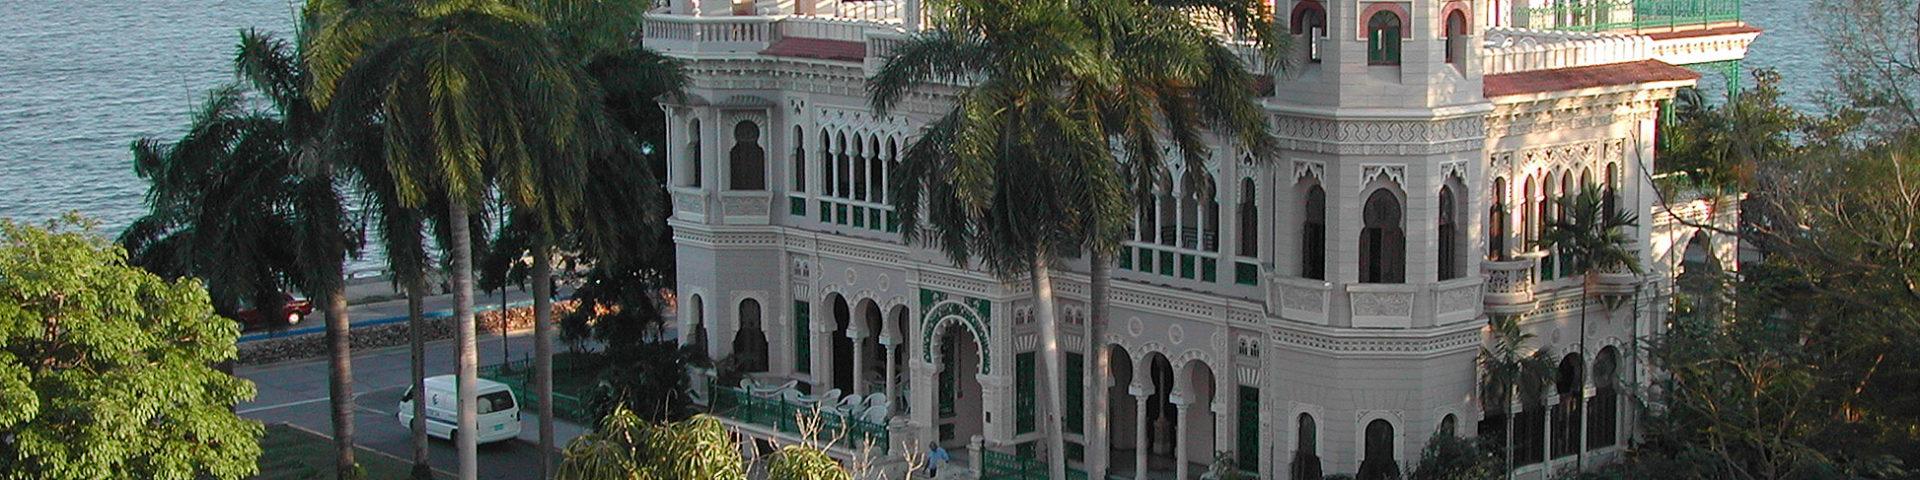 Незабываемый отдых на жемчужине юга Кубы, городе Сьенфуэгос